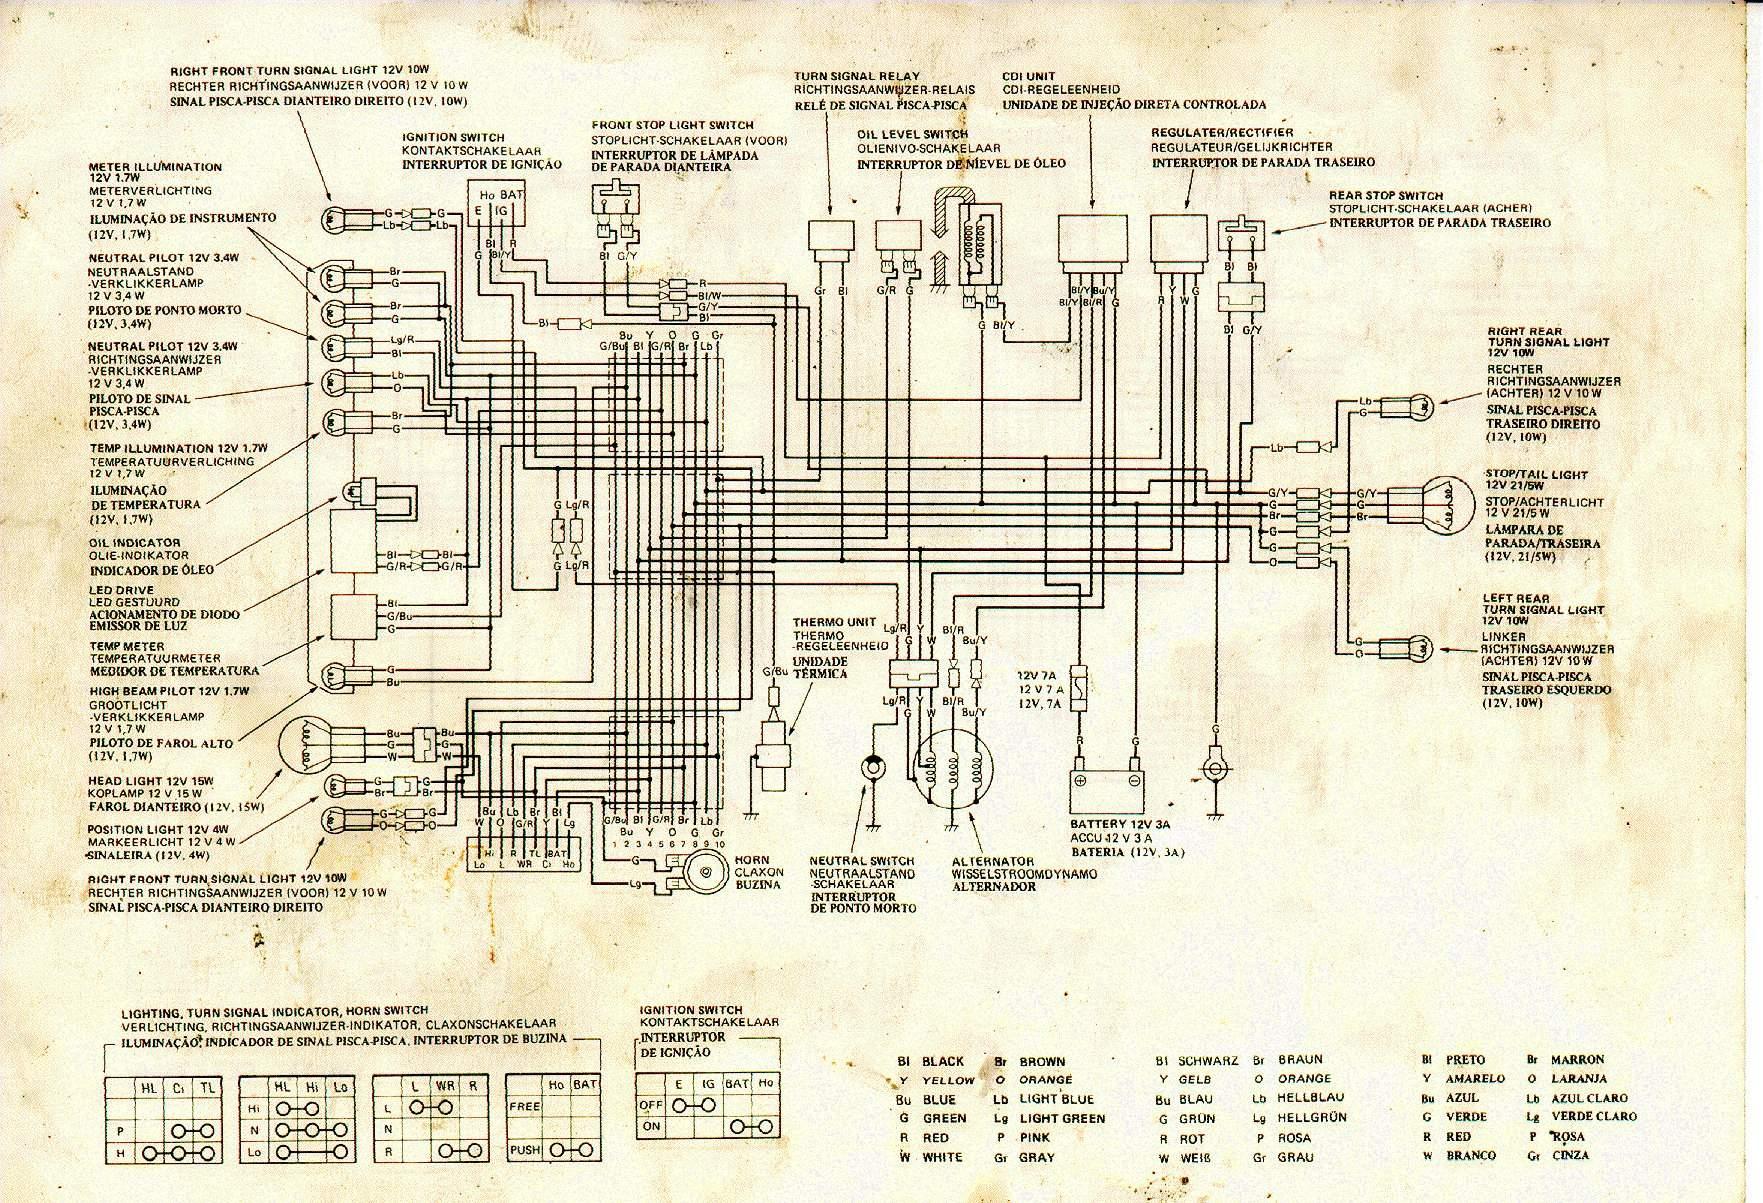 schaltplan nsr 50 Bild - Elektik Nsr - 457 KB - Honda Motorrad Forum